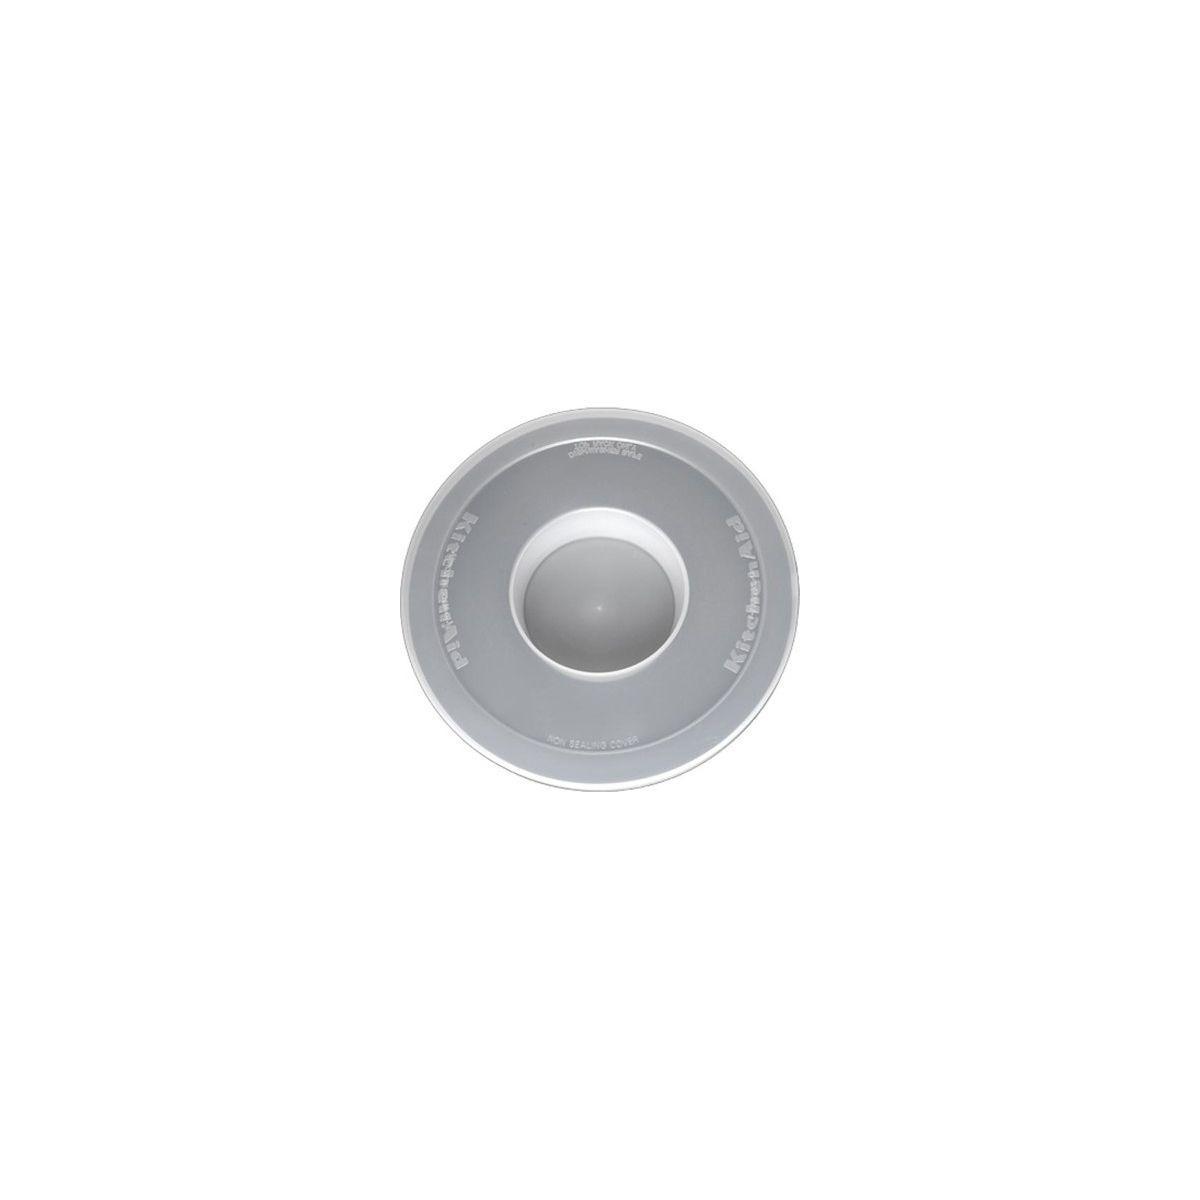 Couvercle kitchenaid kbc90n couvercle pour bol - livraison offerte : code livrelais (photo)